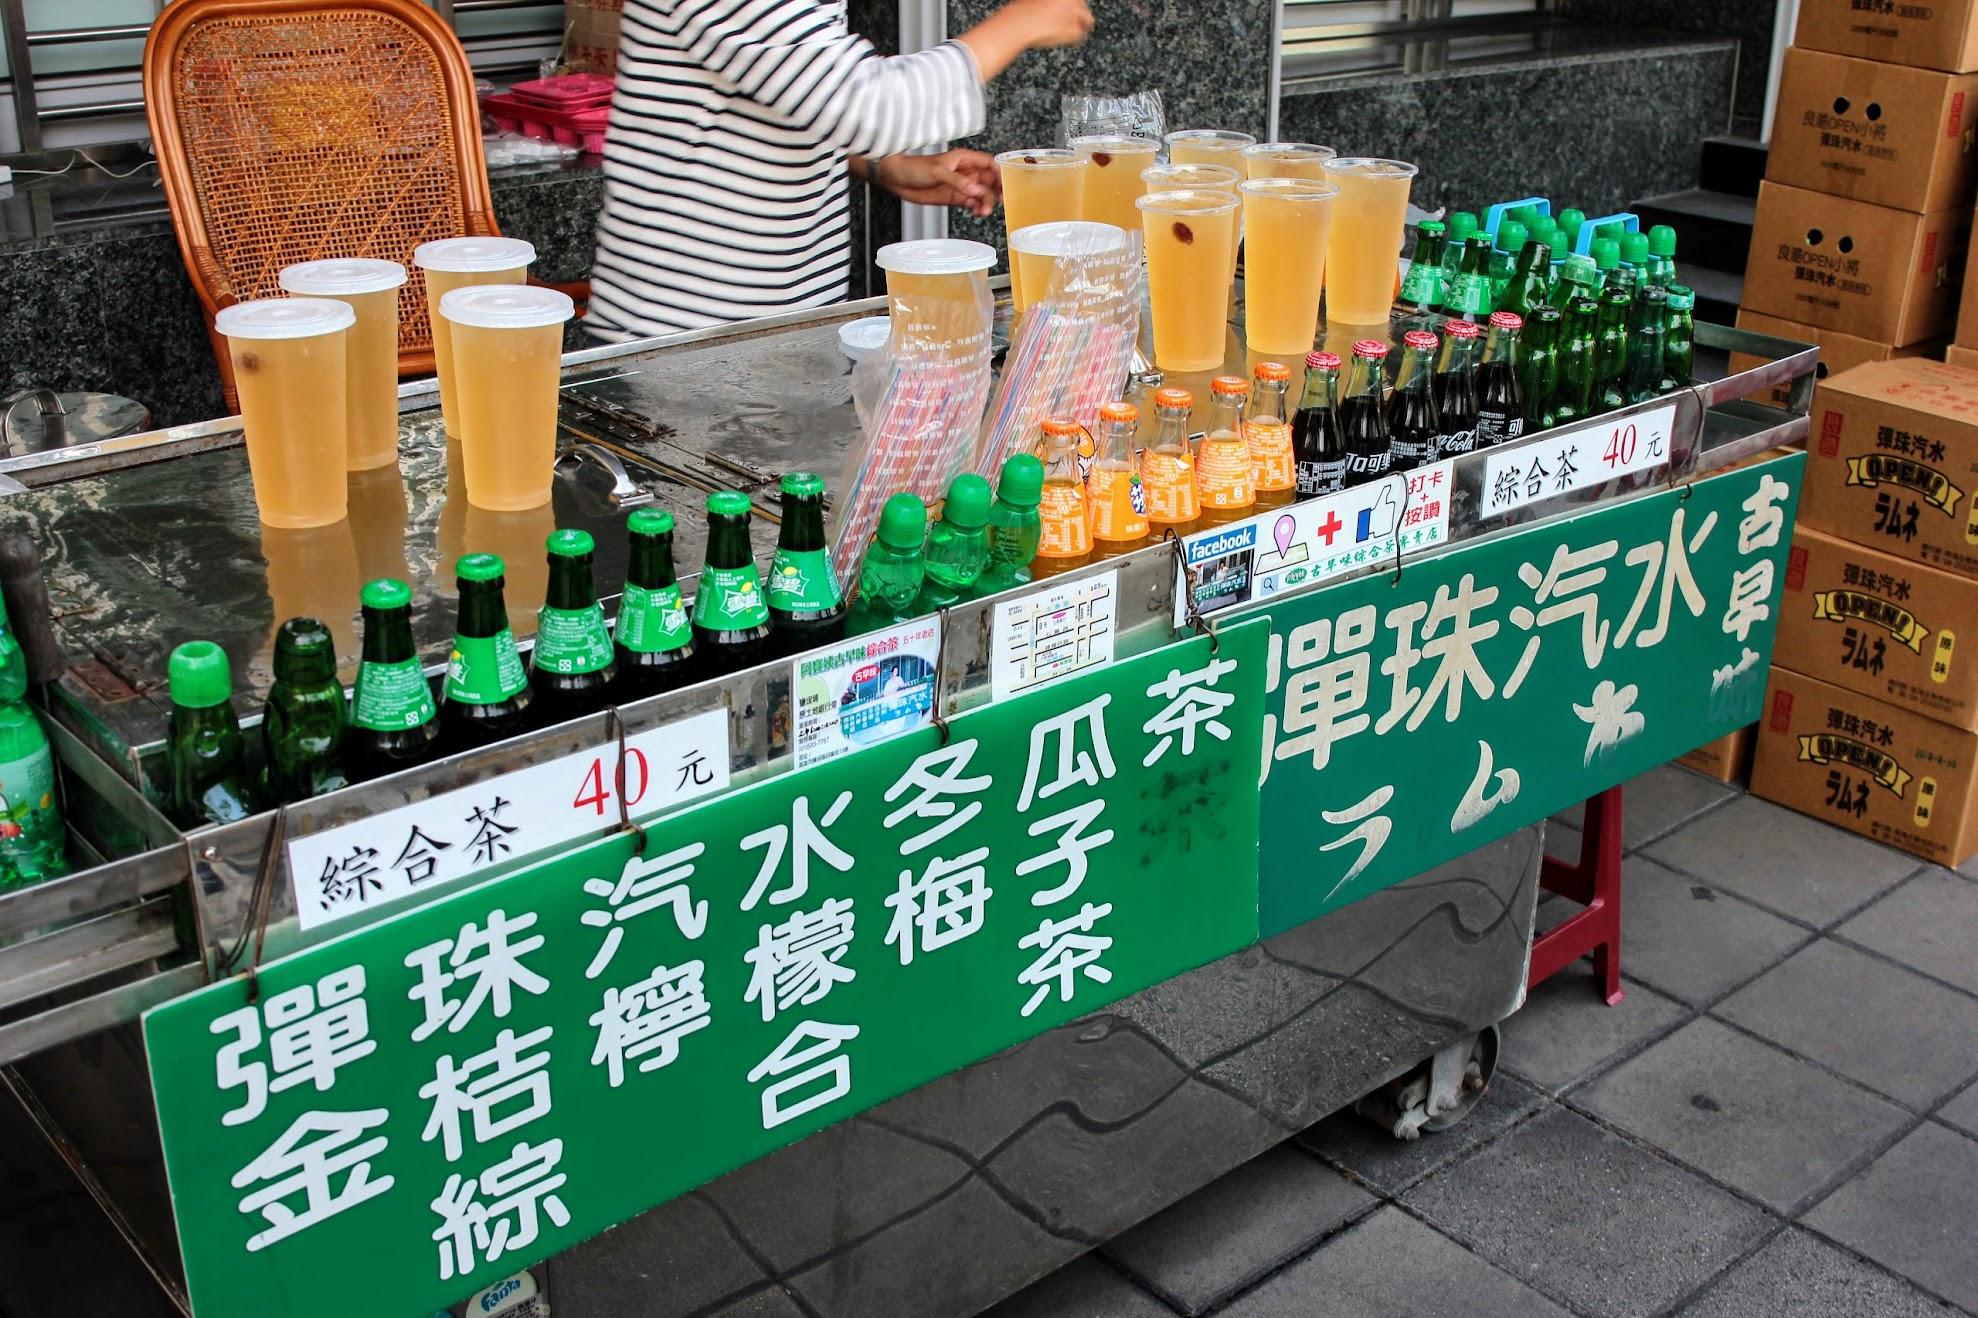 賣的飲料很一般,但不一般的就是那個綜合茶啊